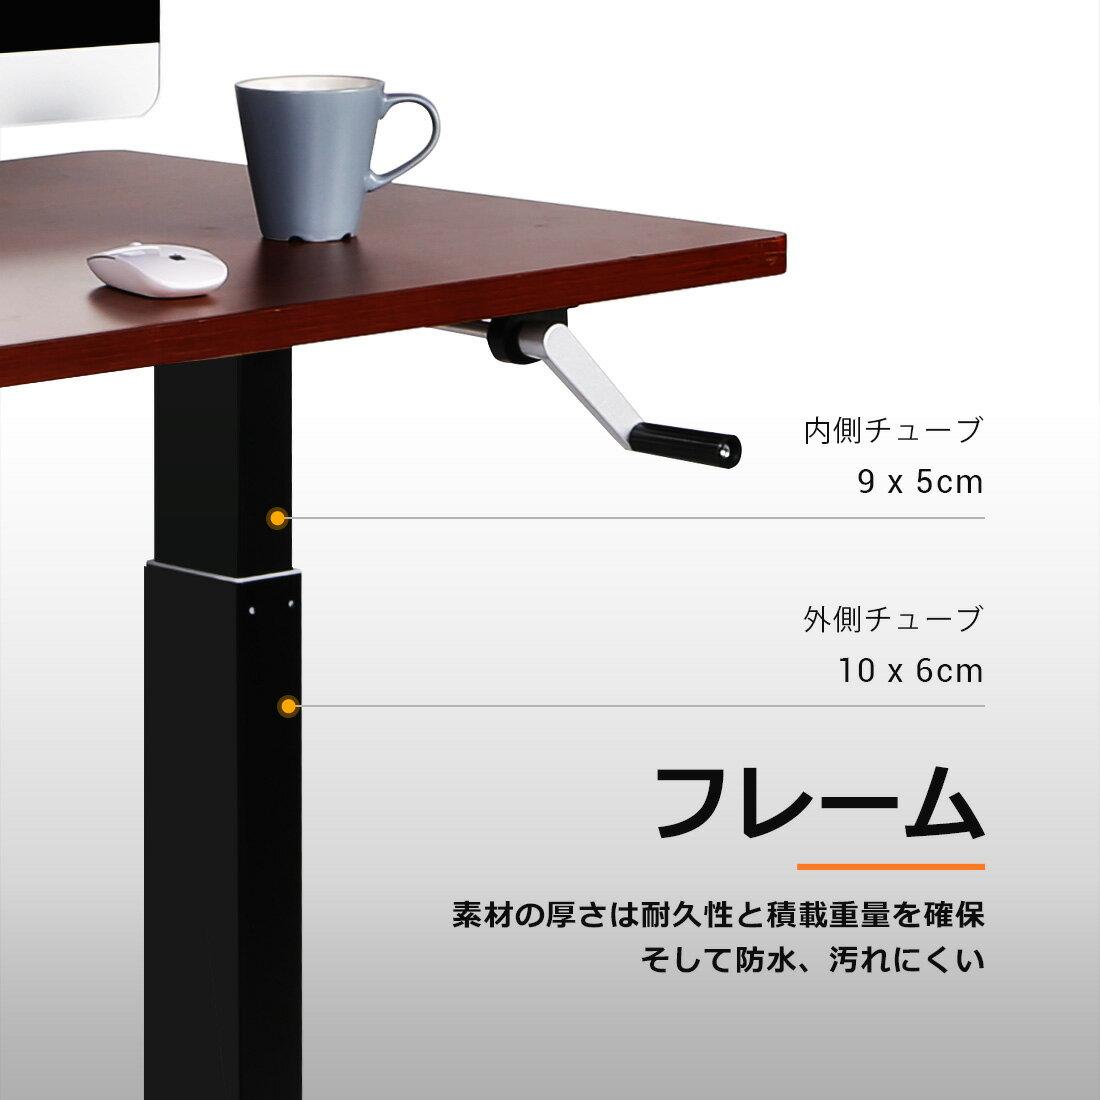 FlexiSpot手動式スタンディングデスクパソコンデスクPCデスク手動式高さ調節デスクオフィステーブル手動式セット天板140*70cm(脚部ブラック天板ブラック)